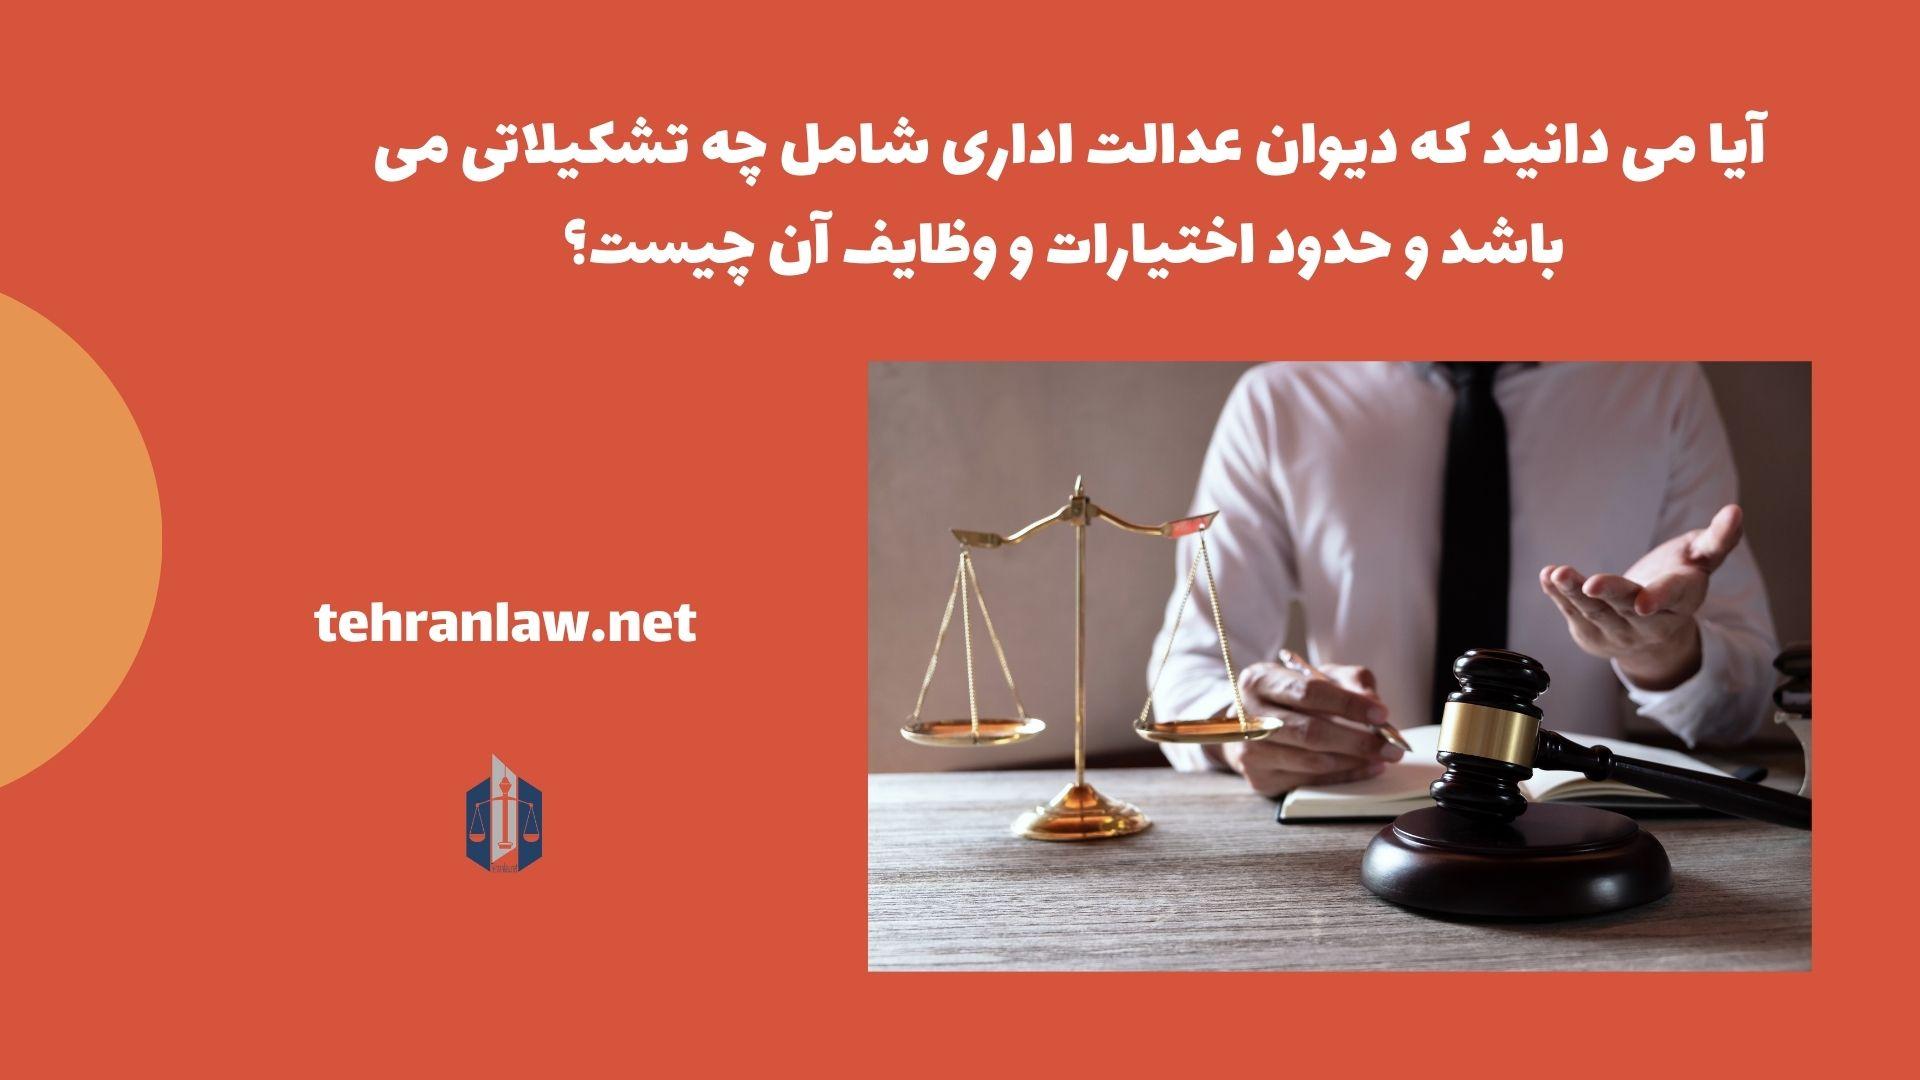 آیا می دانید که دیوان عدالت اداری شامل چه تشکیلاتی می باشد و حدود اختیارات و وظایف آن چیست؟